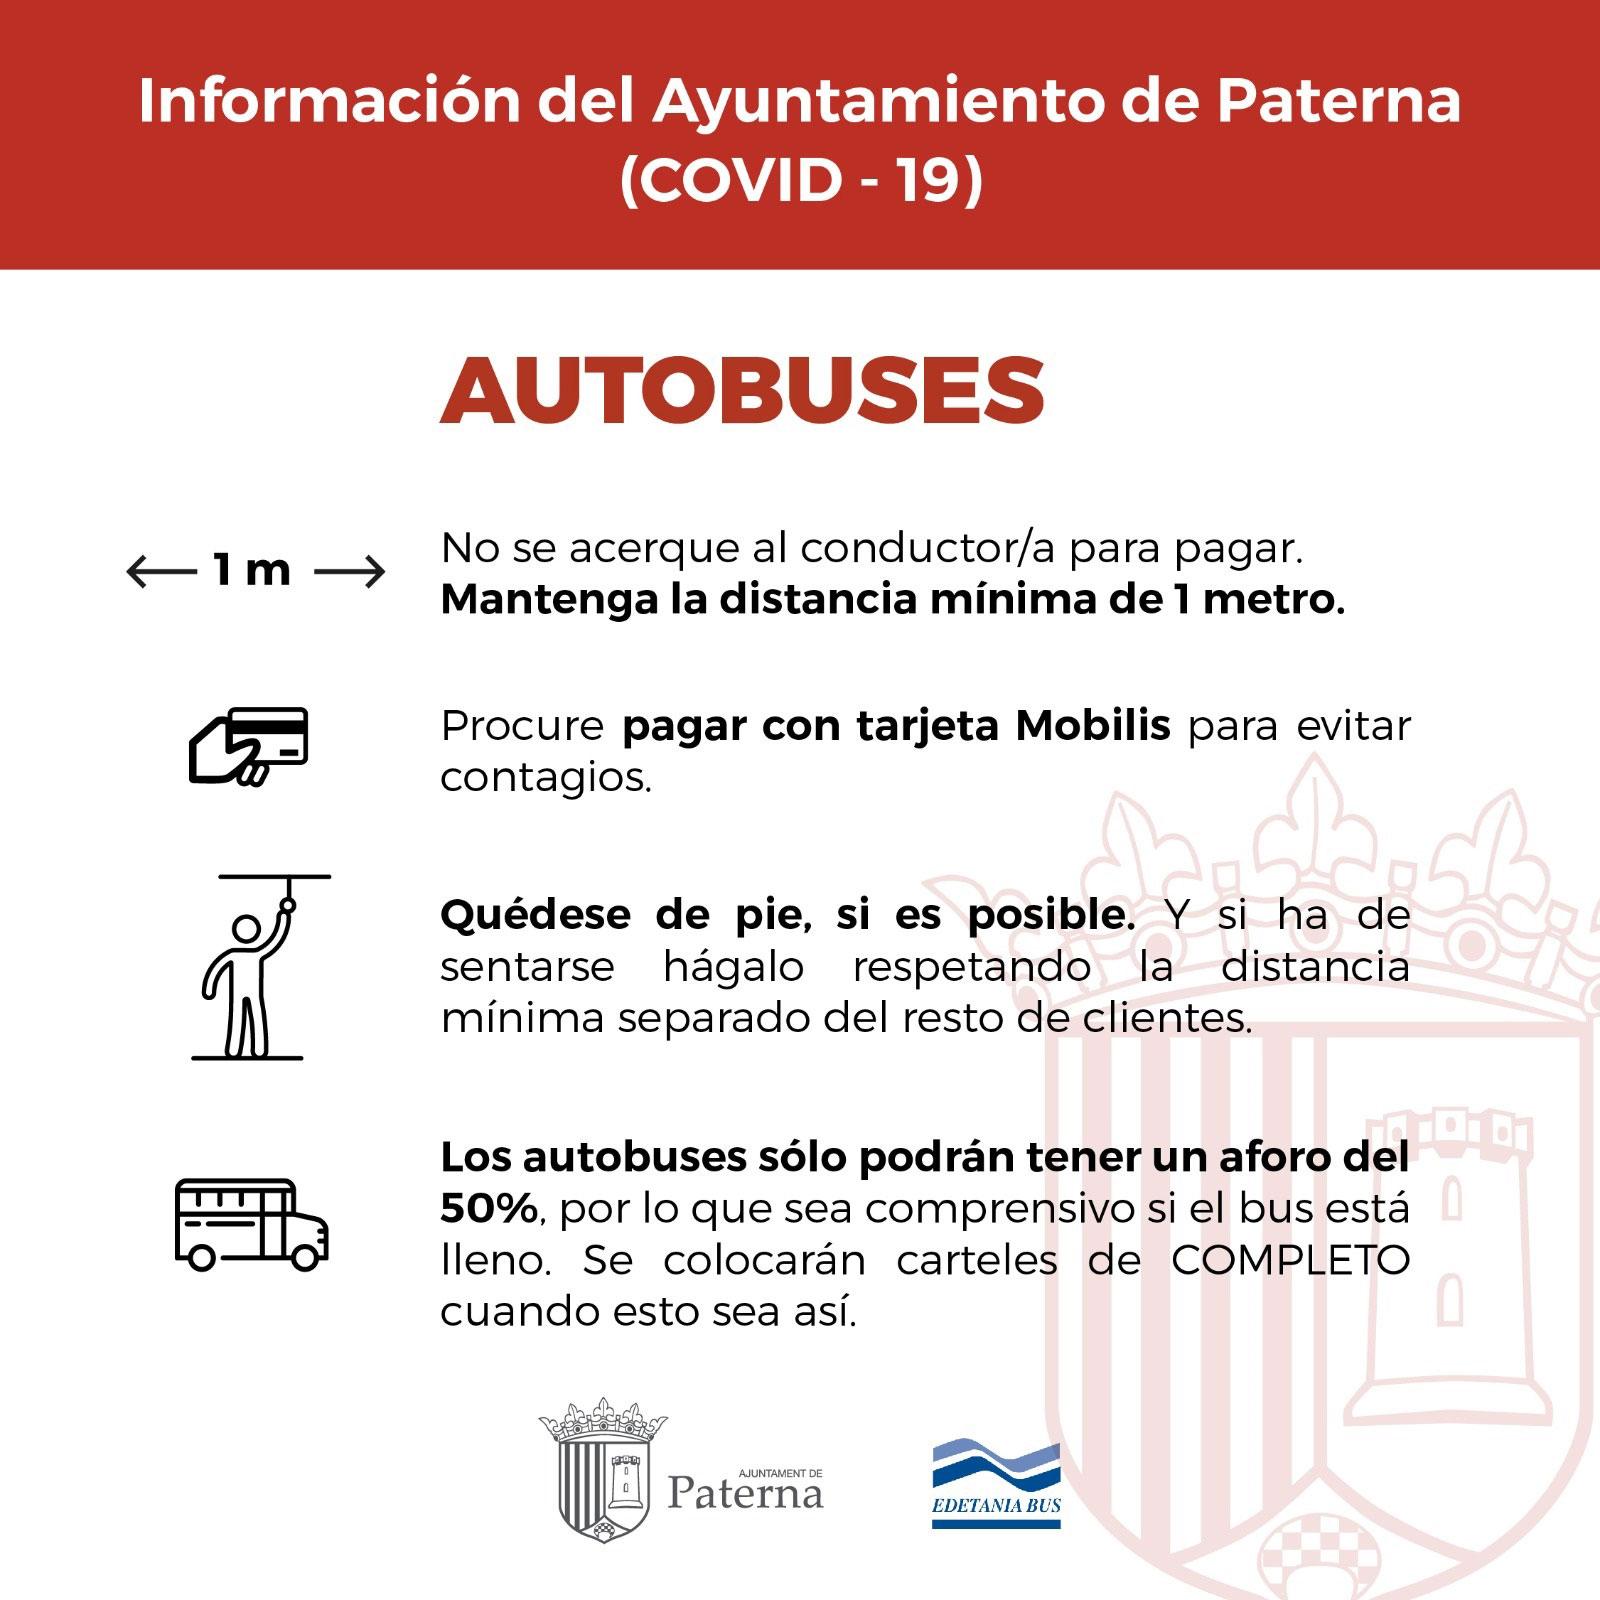 Información del Ayuntamiento de Paterna - Autobuses